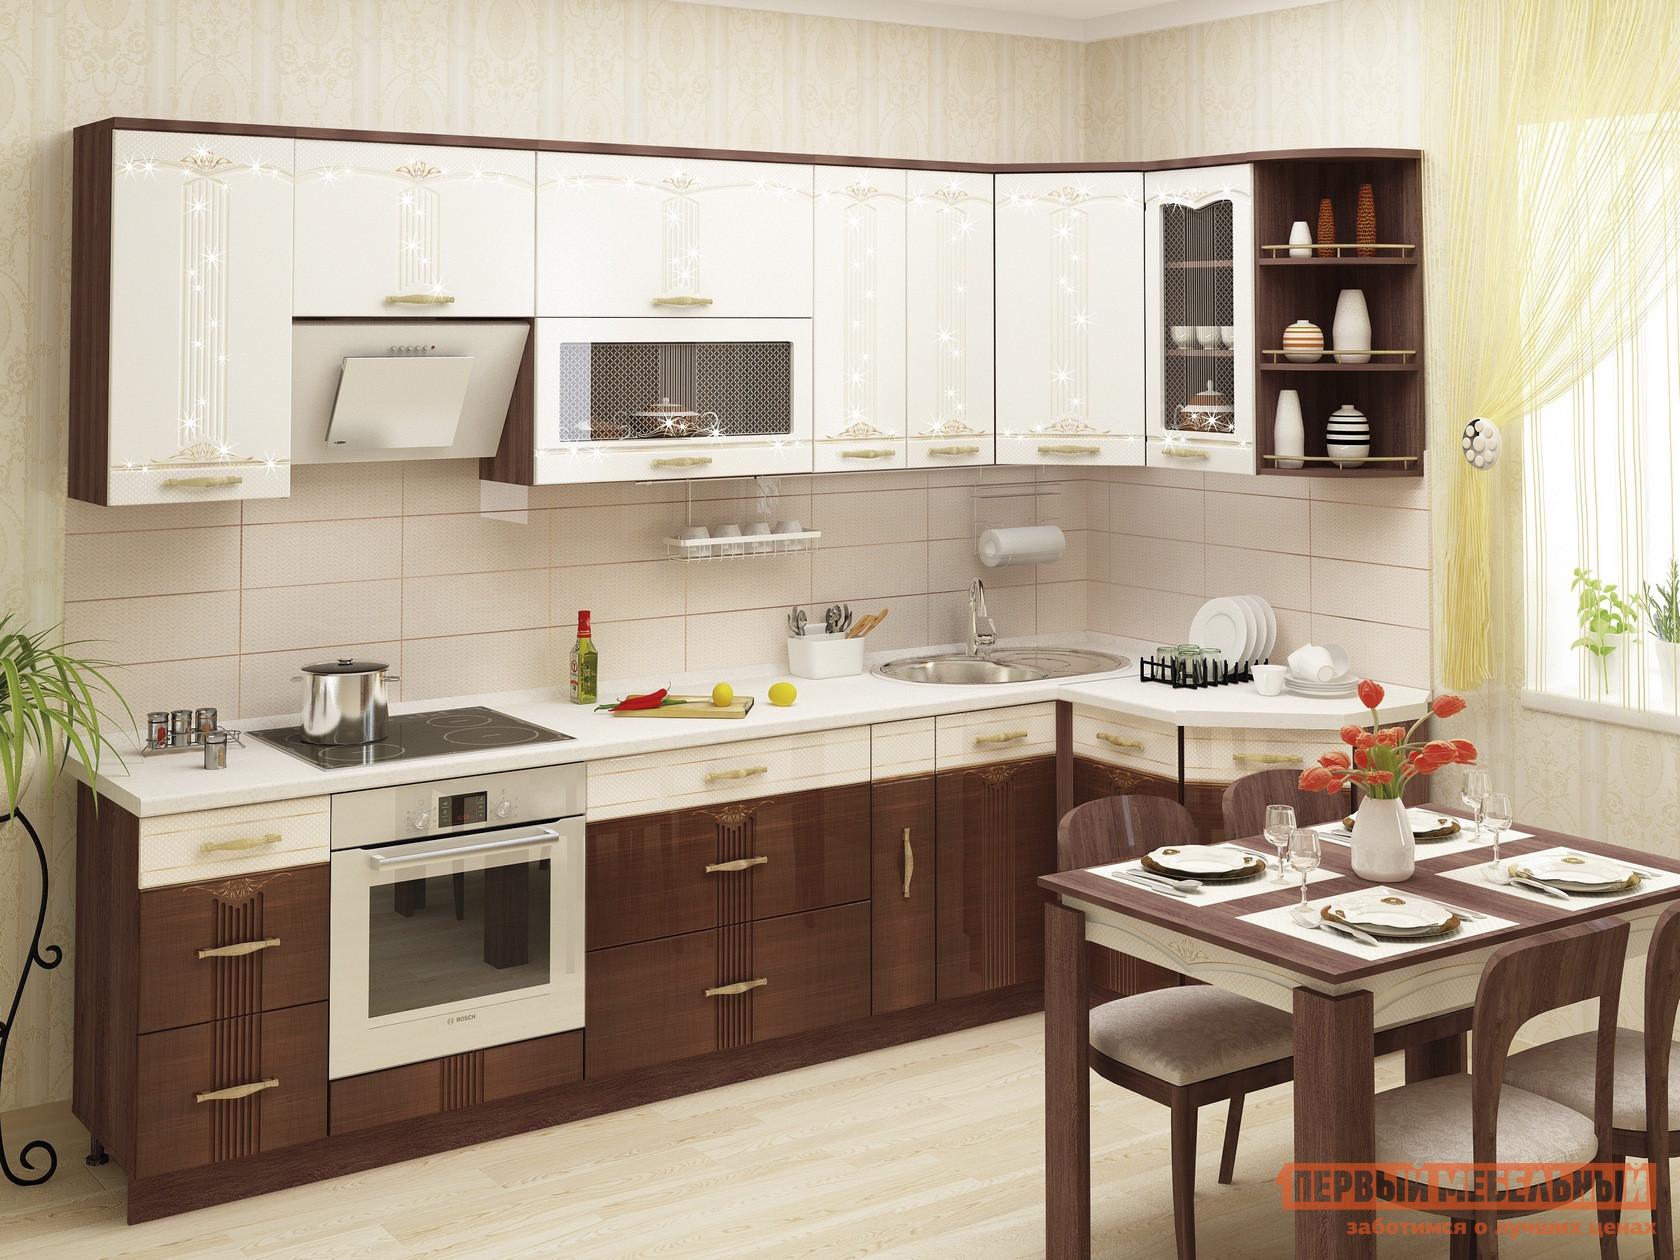 Кухонный гарнитур Витра Каролина К2 кухонный гарнитур витра глория 3 к2